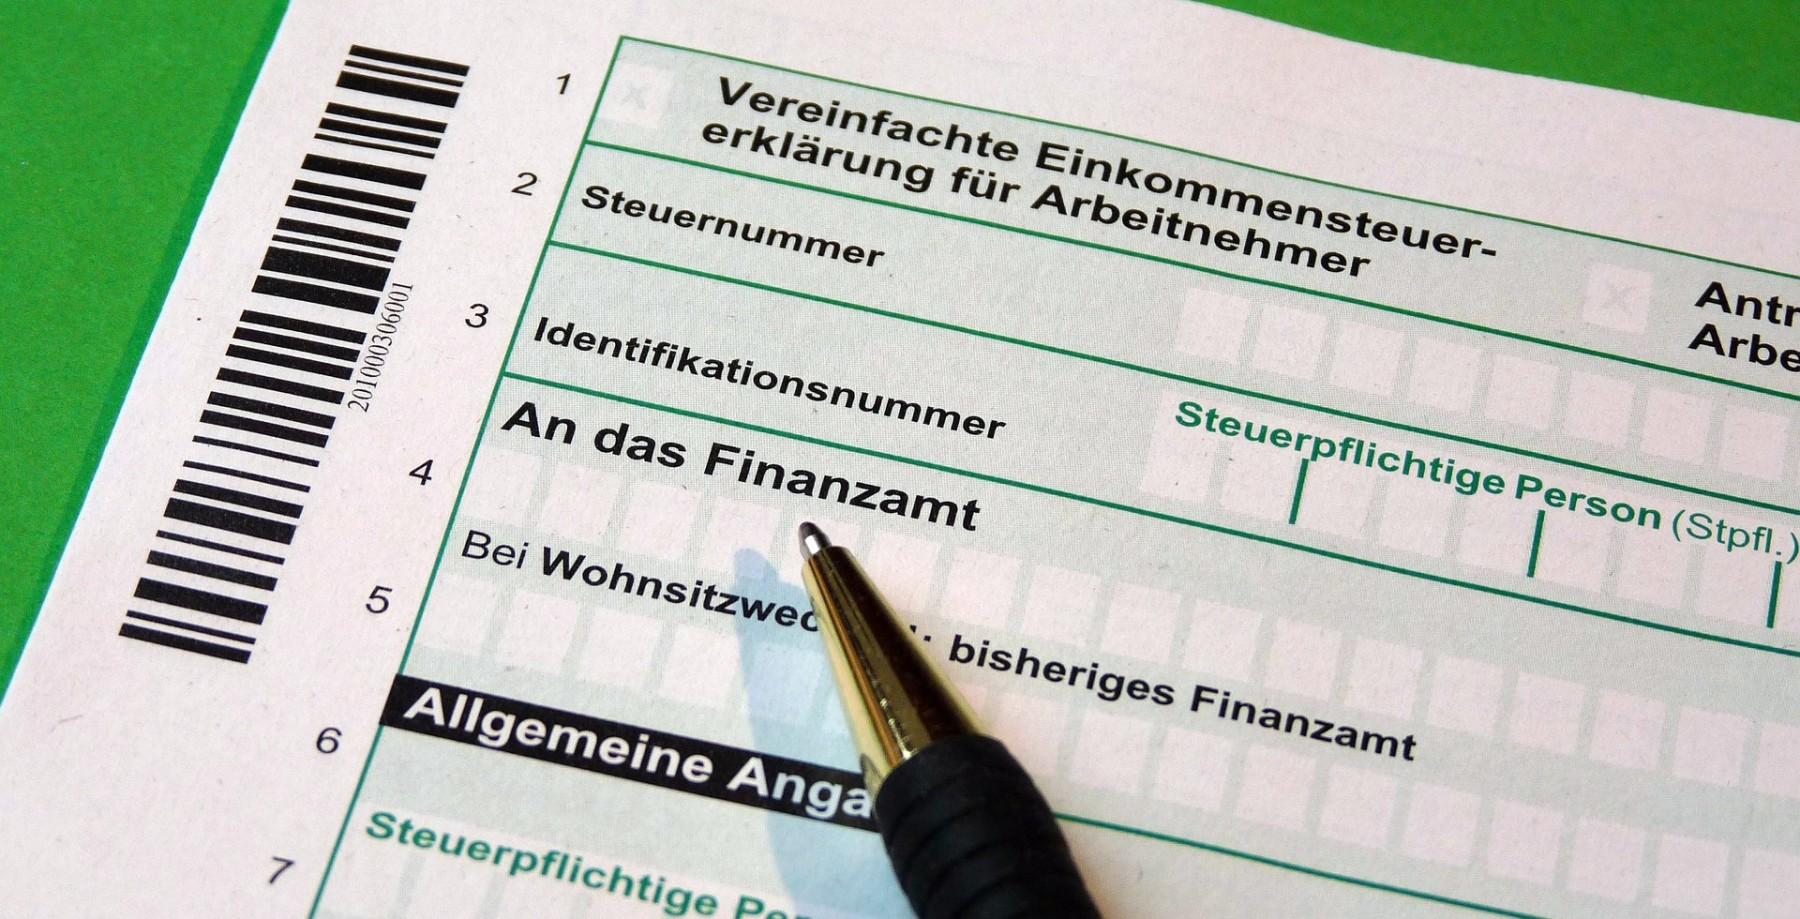 Einkommensteuererklärung. Foto: Pixabay